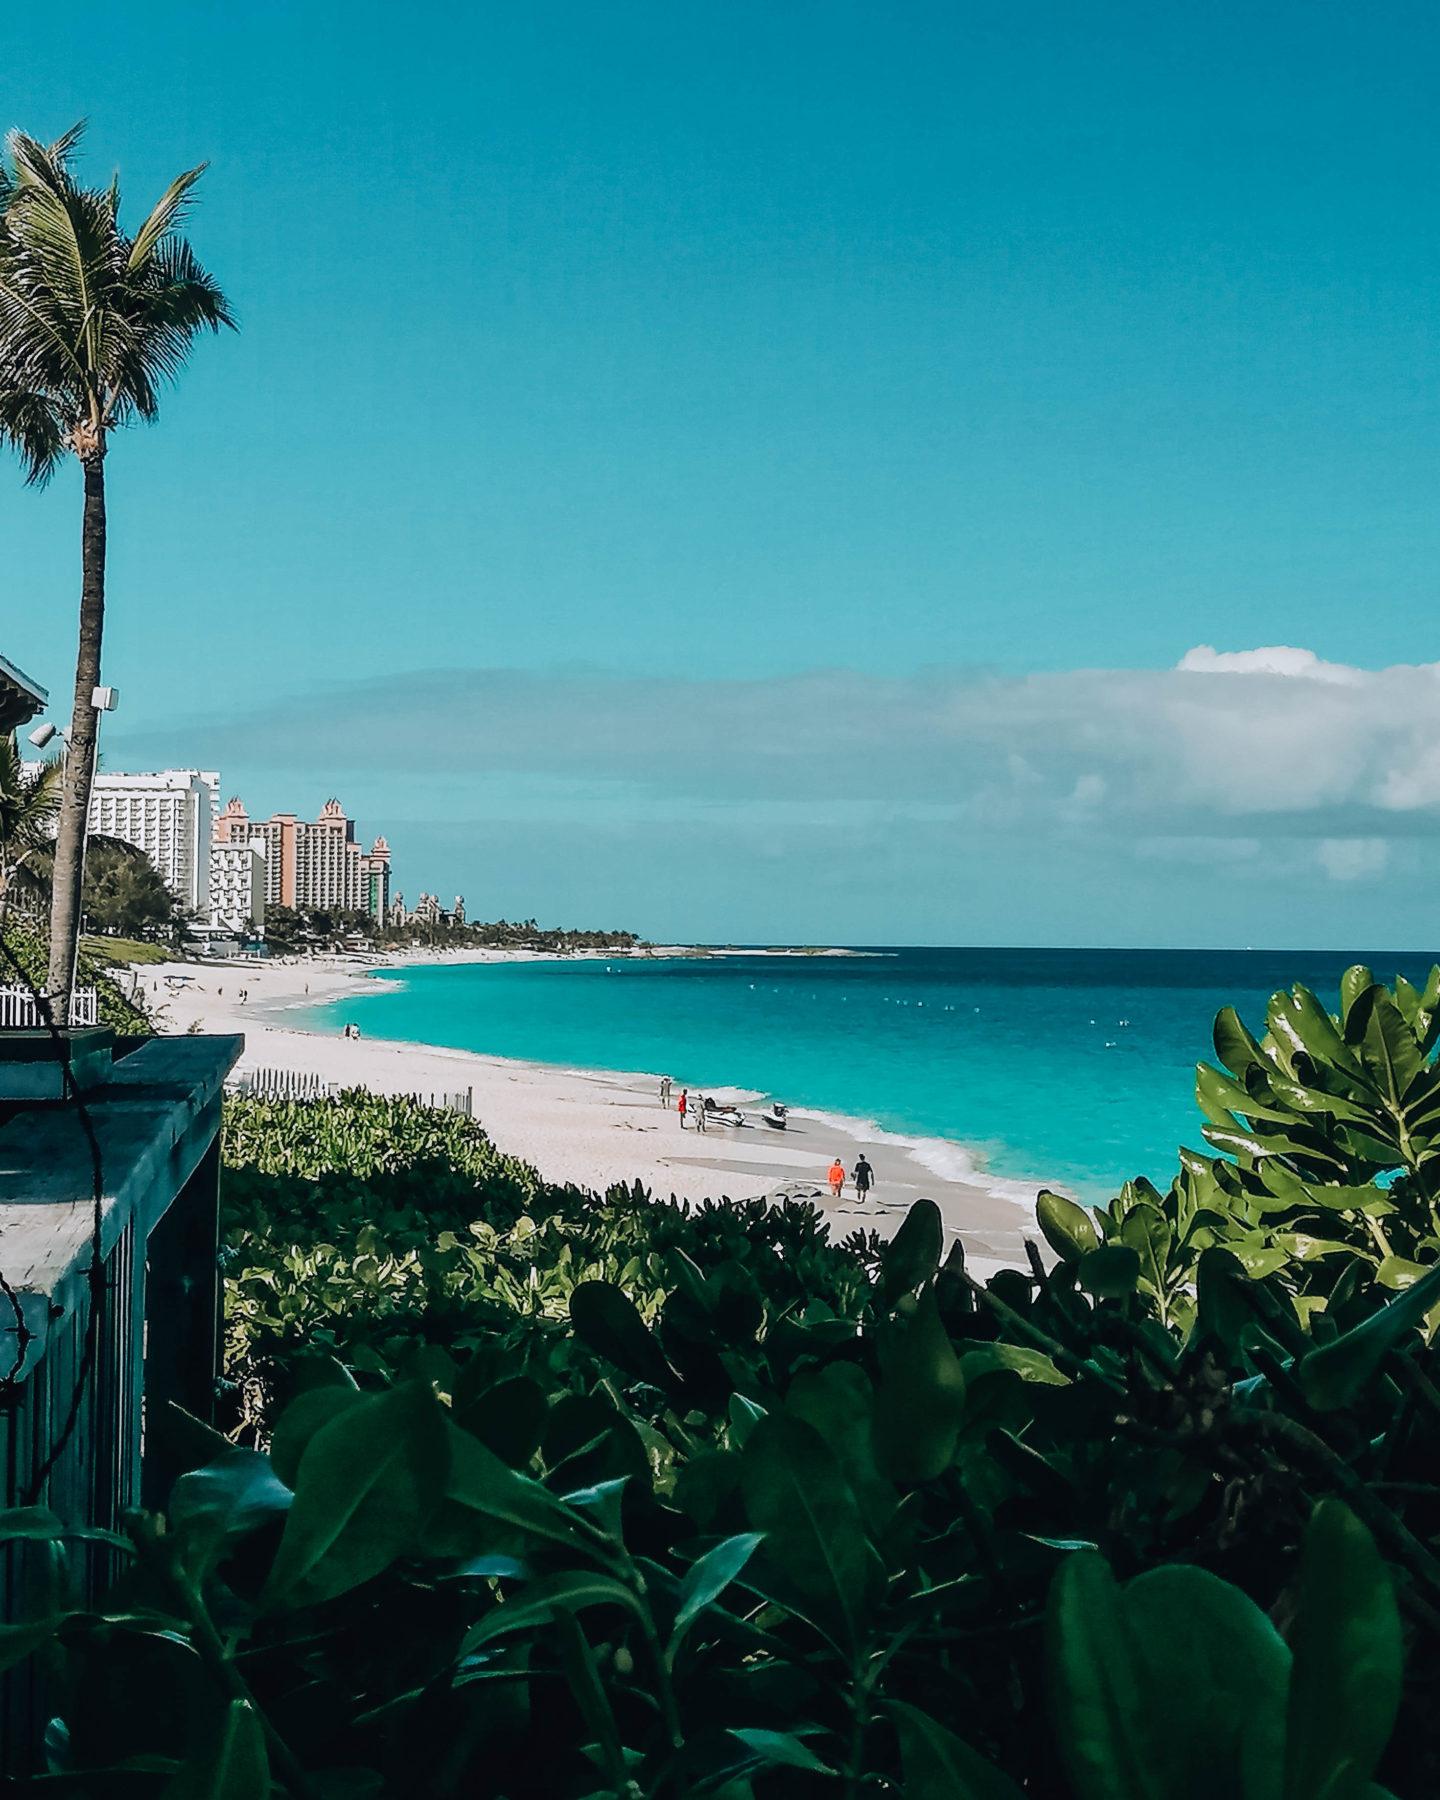 vista di spiaggia bianca incorniciata da fitta vegetazione